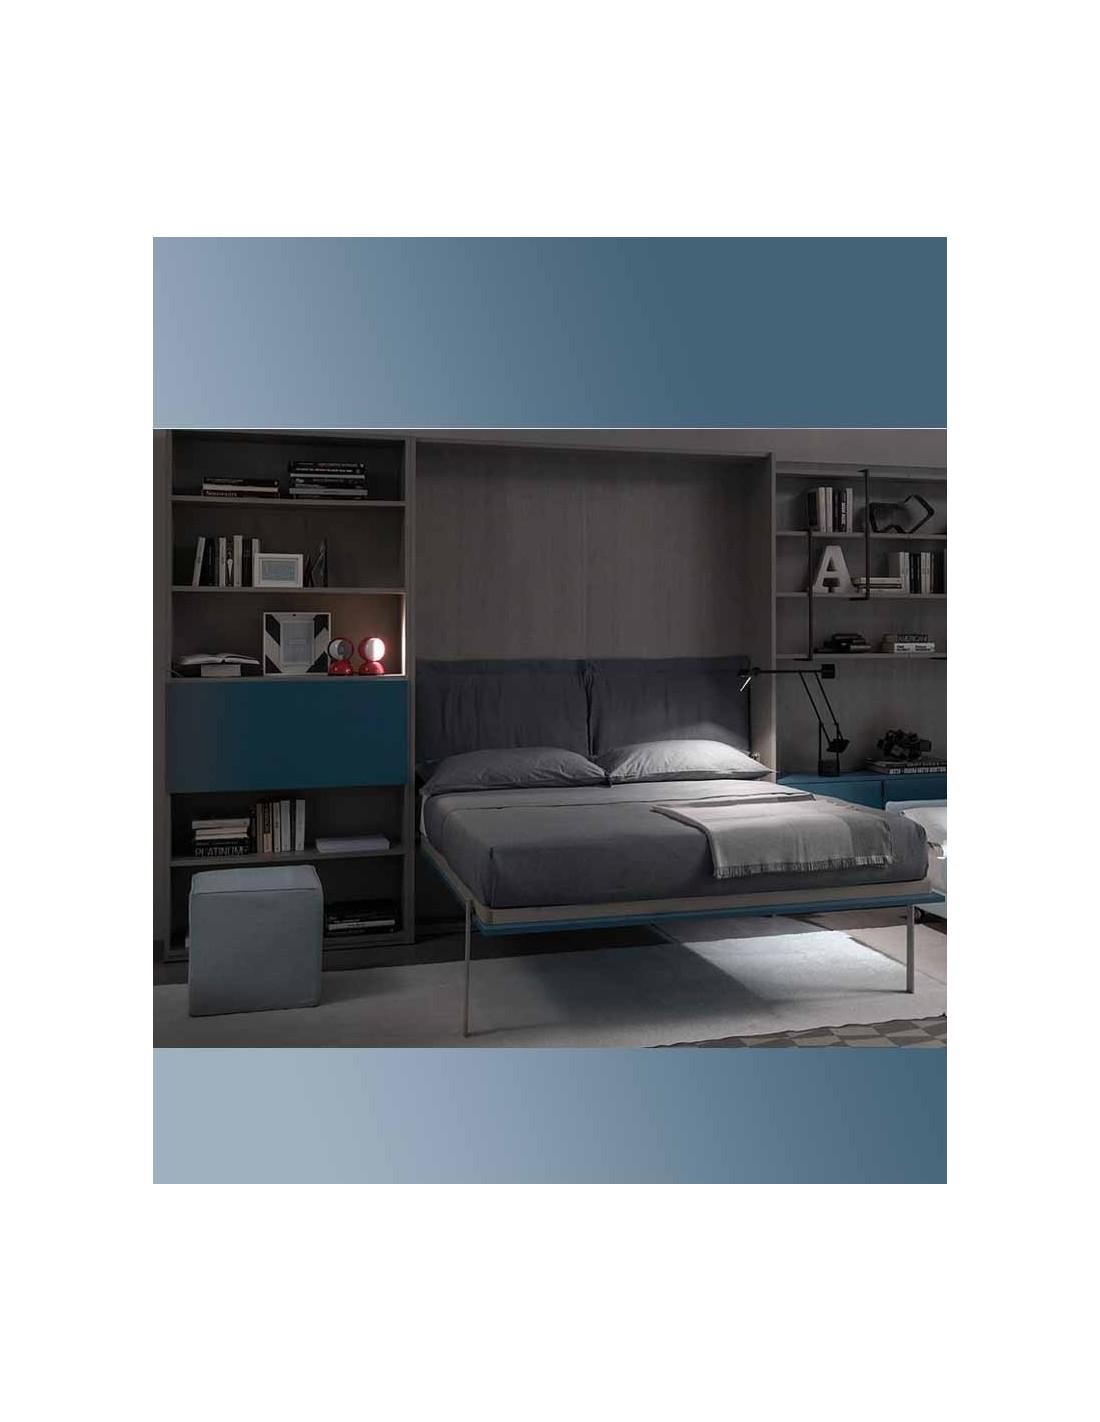 Letto a scomparsa mobile letto con prezzo in offerta in